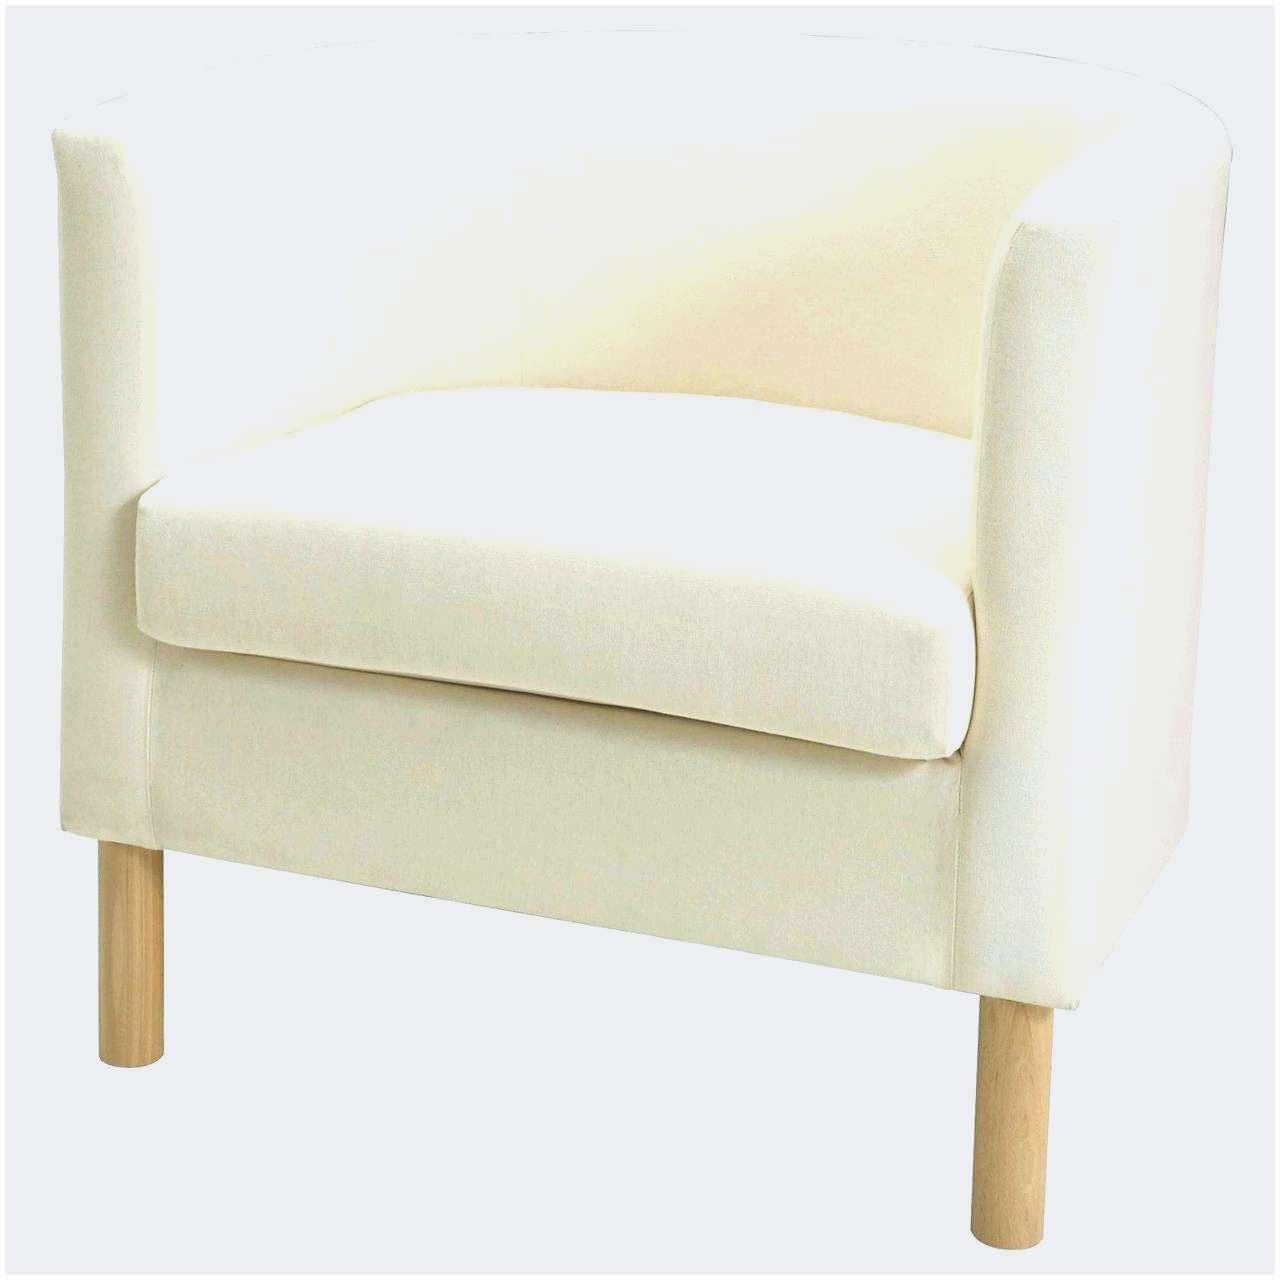 Maison Du Monde Canapé Lit Le Luxe Frais 32 De Luxes Canapé Lit Couchage Quoti N Ikea Pour Alternative